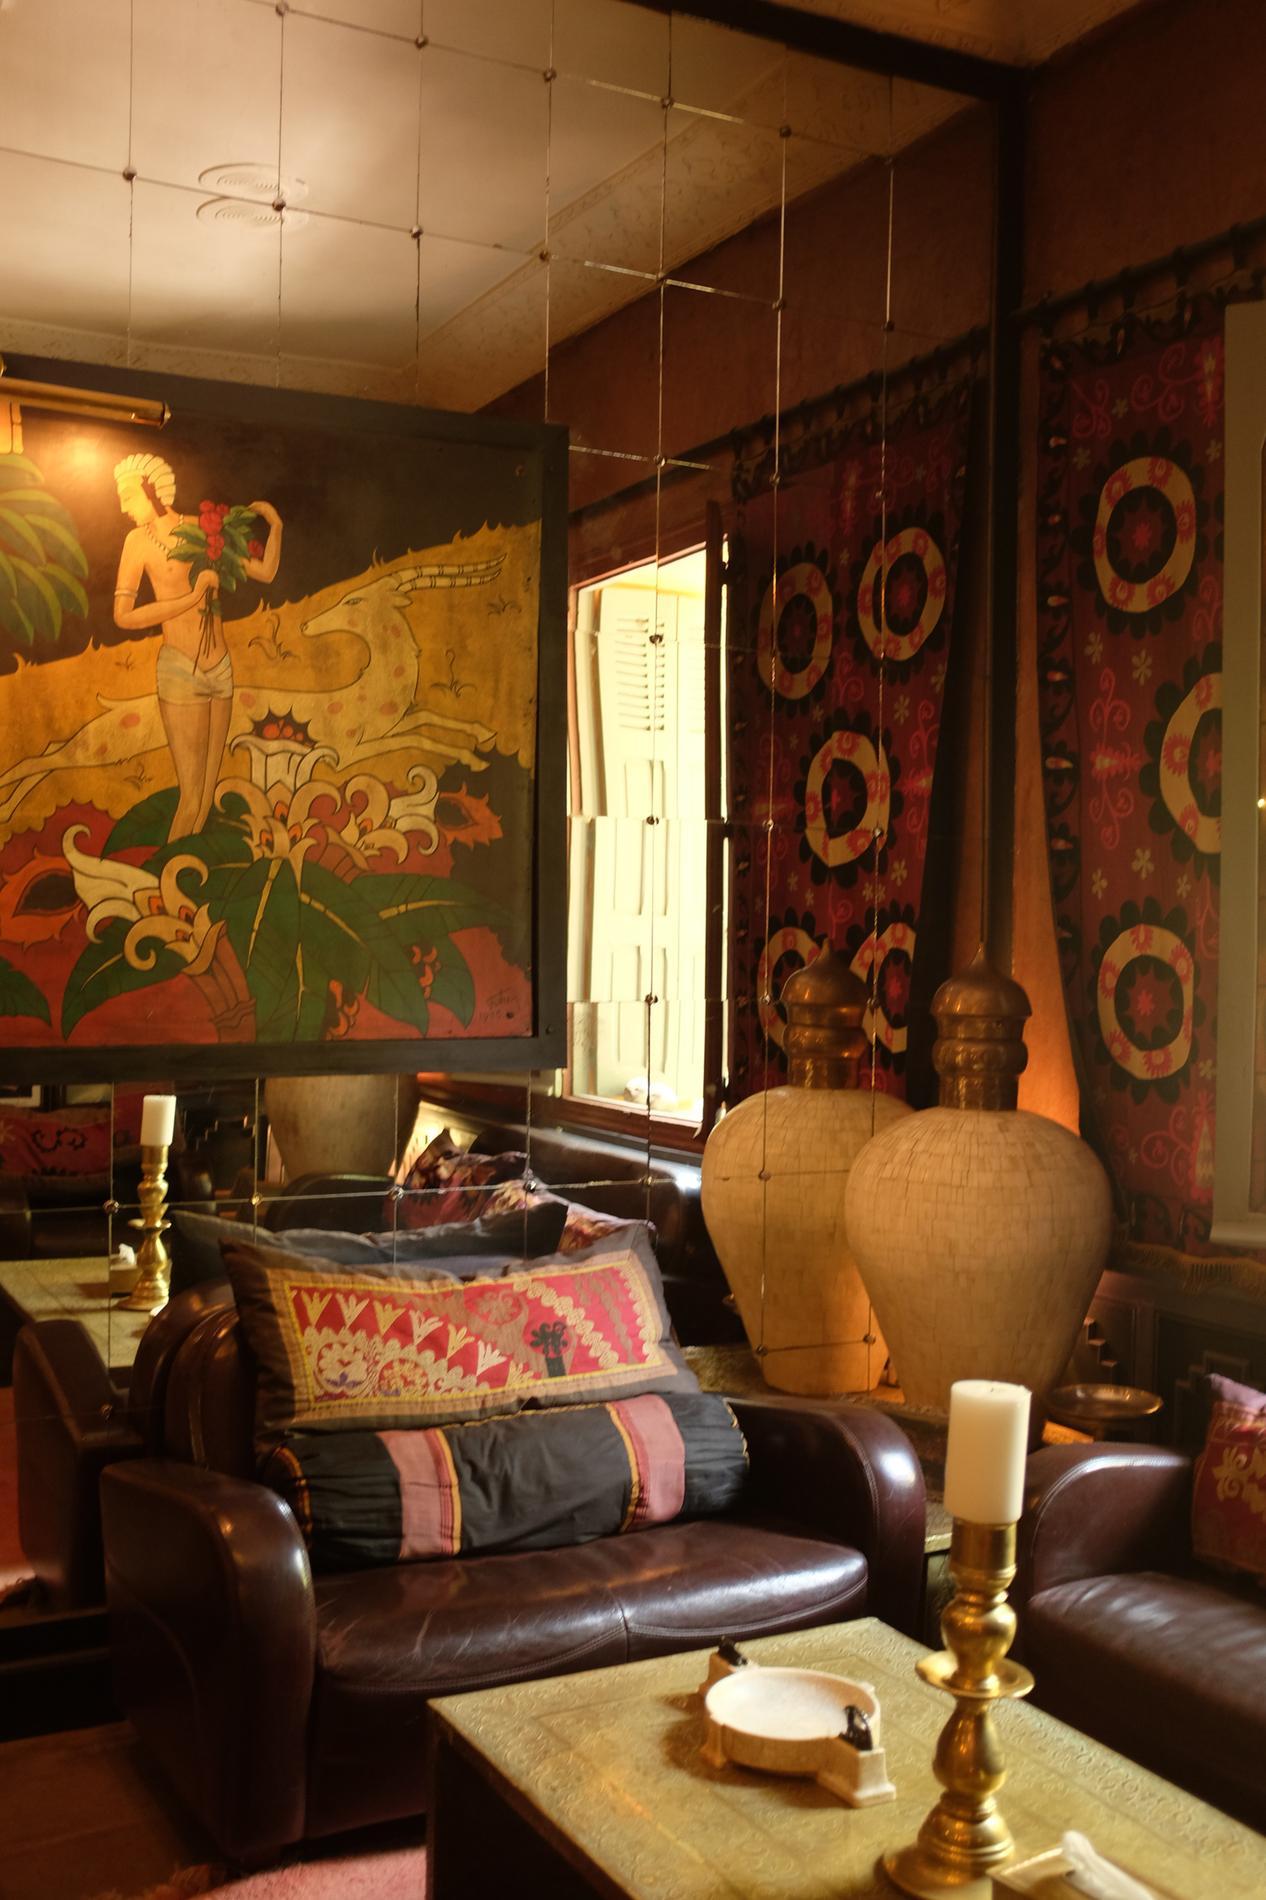 Marrakech Decoration D Interieur les belles adresses cachées de marrakech - madame figaro